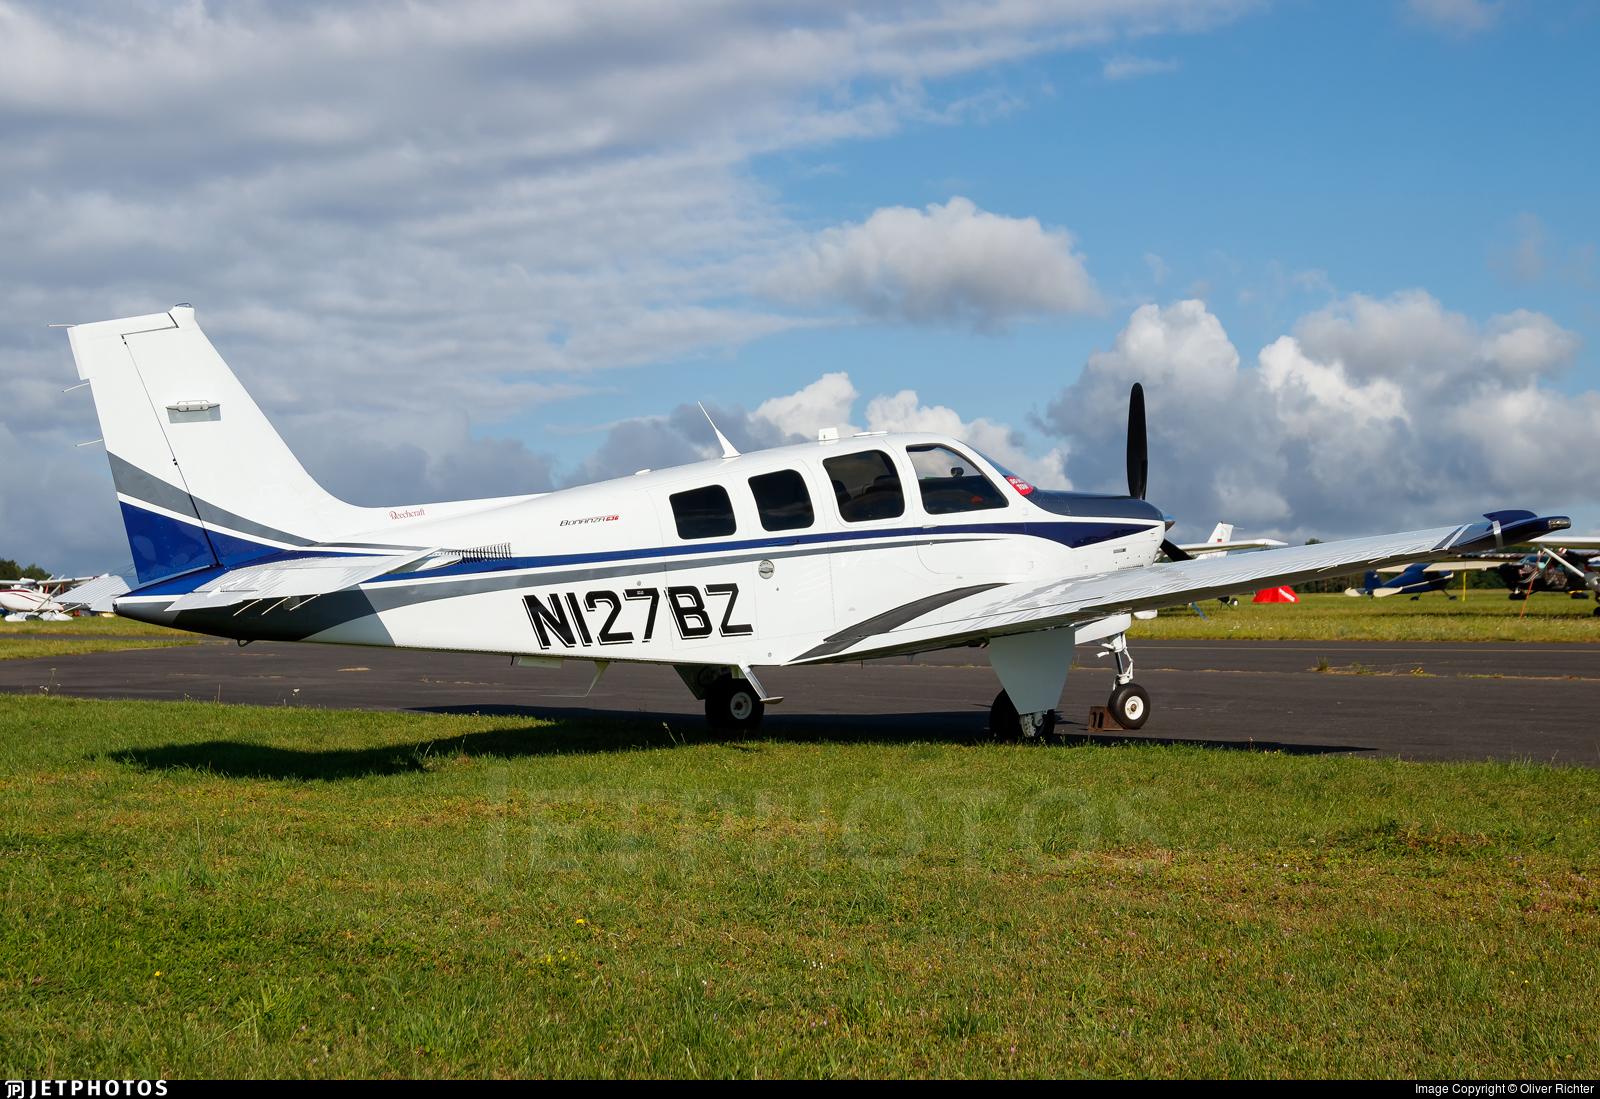 N127BZ - Beechcraft G36 Bonanza - Private